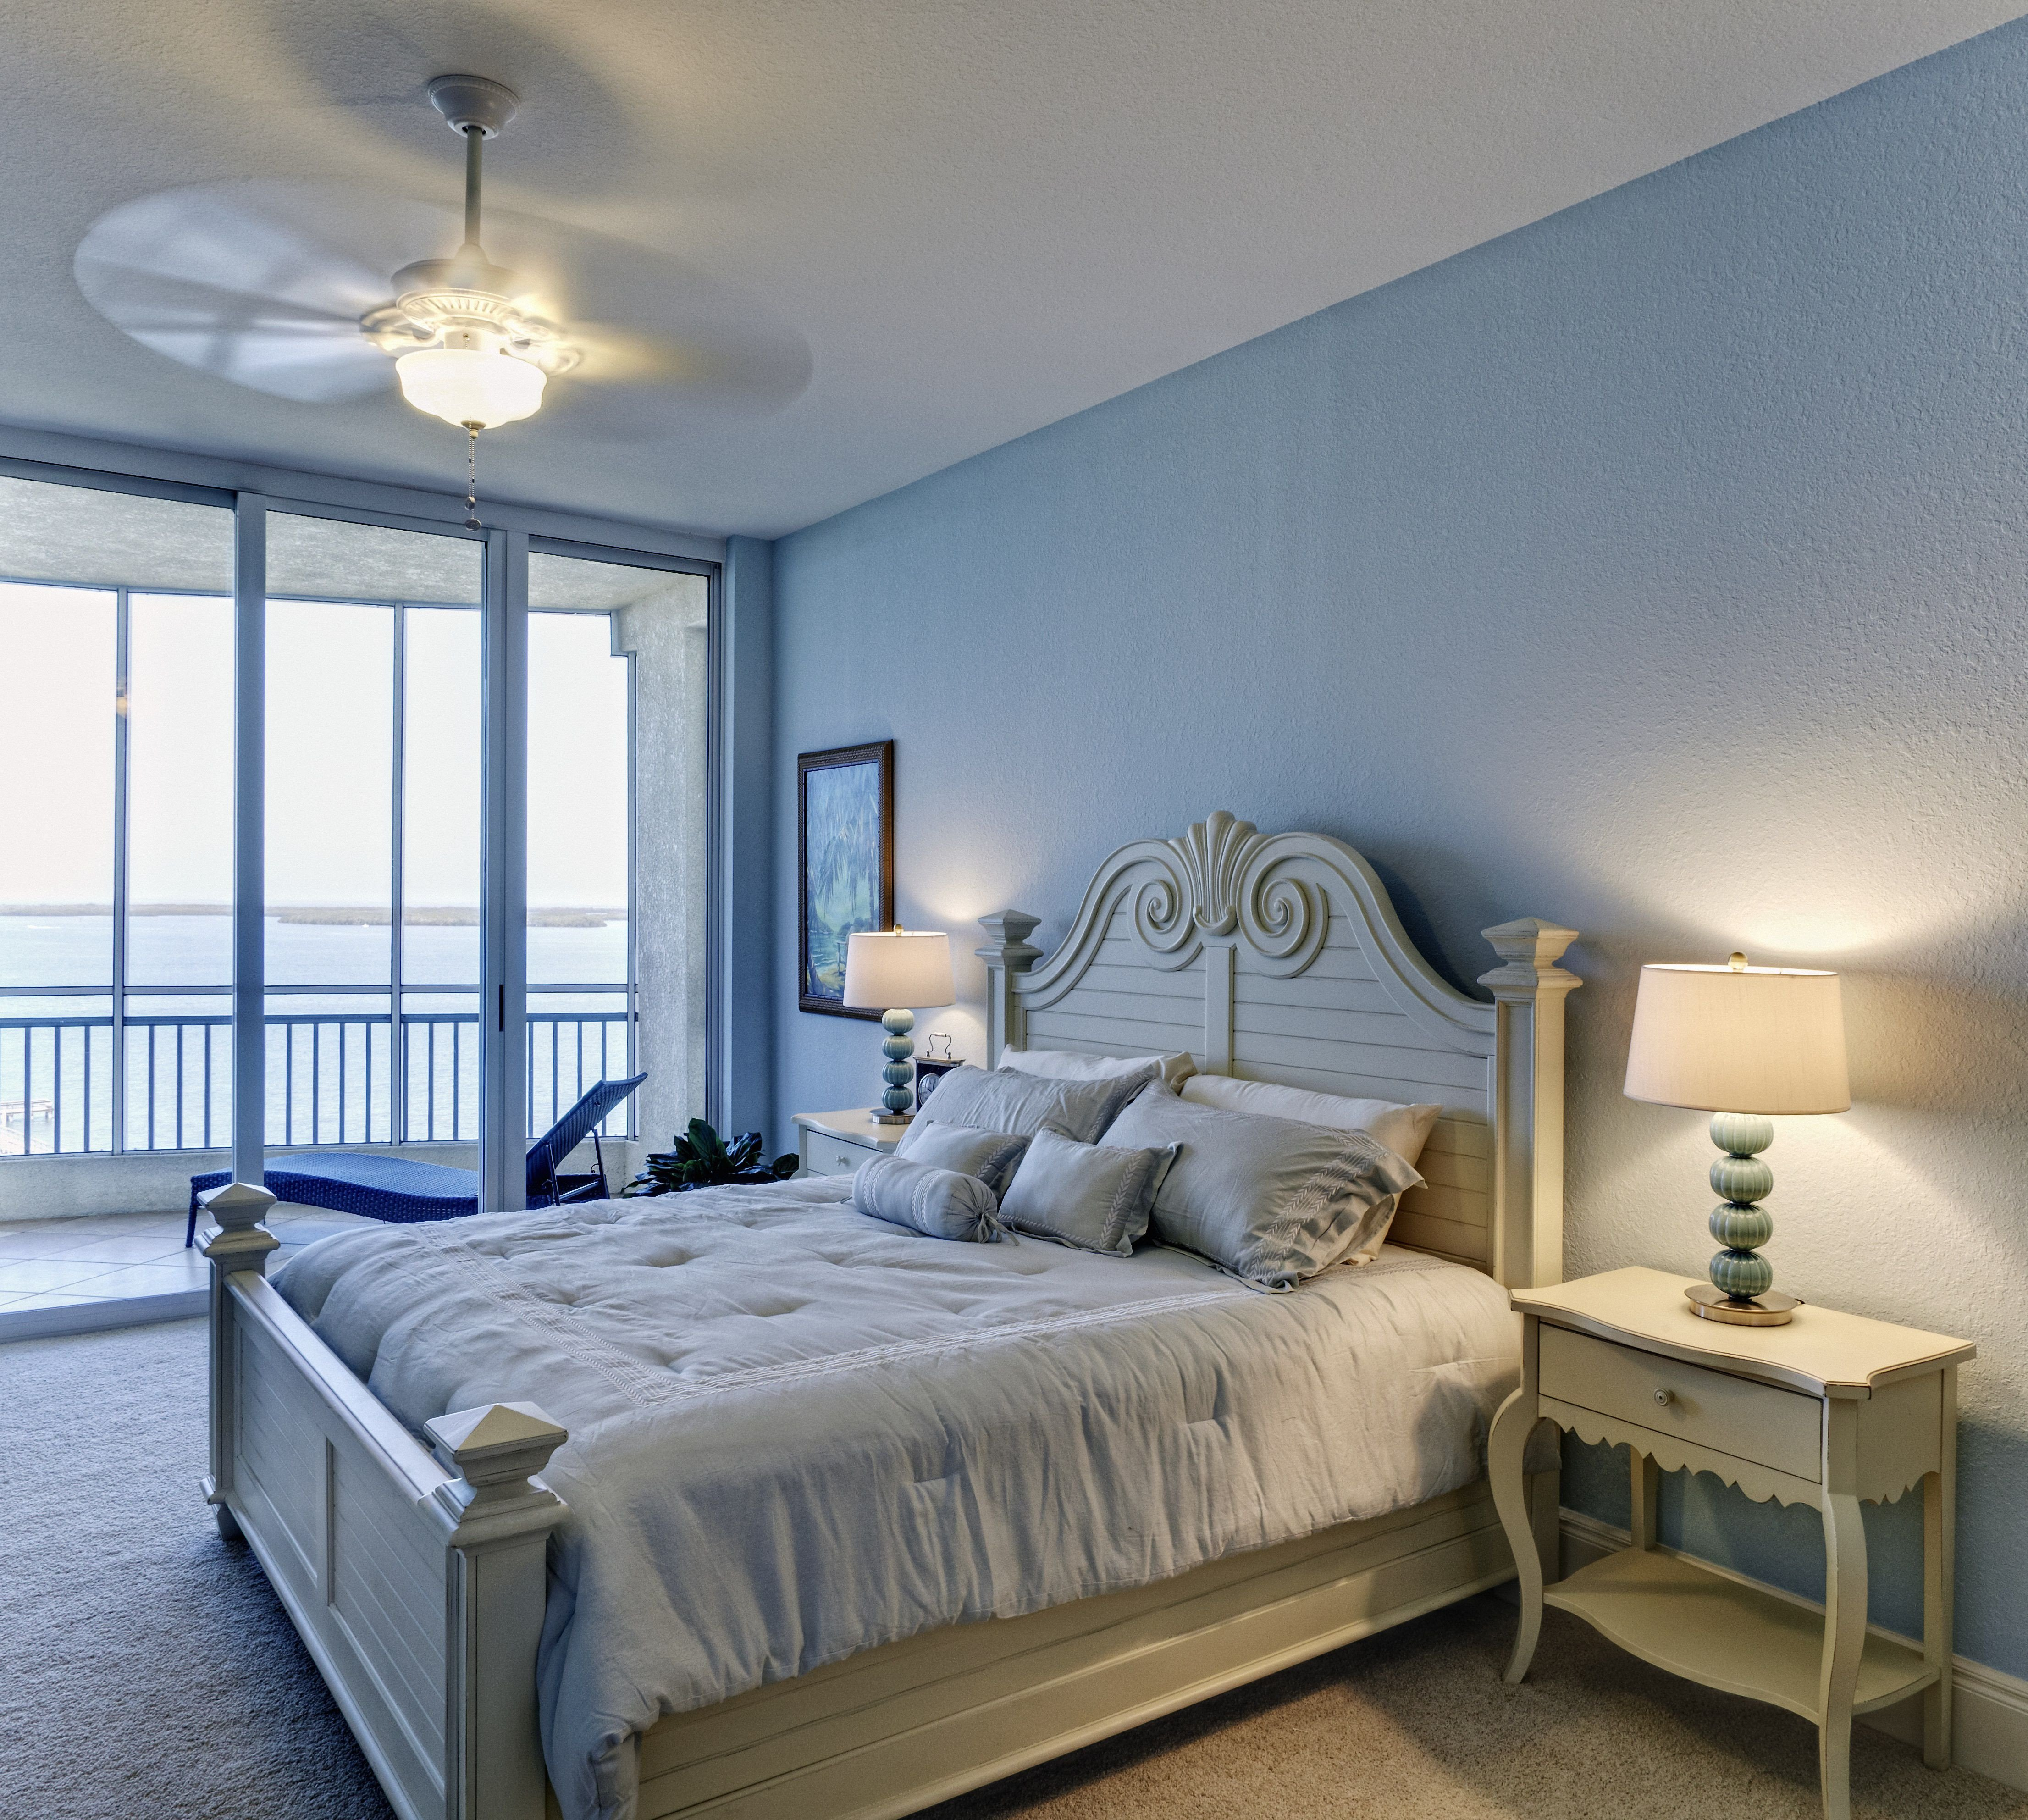 Girls Bedroom Ceiling Light Elegant Flush Mount Ceiling Fixture